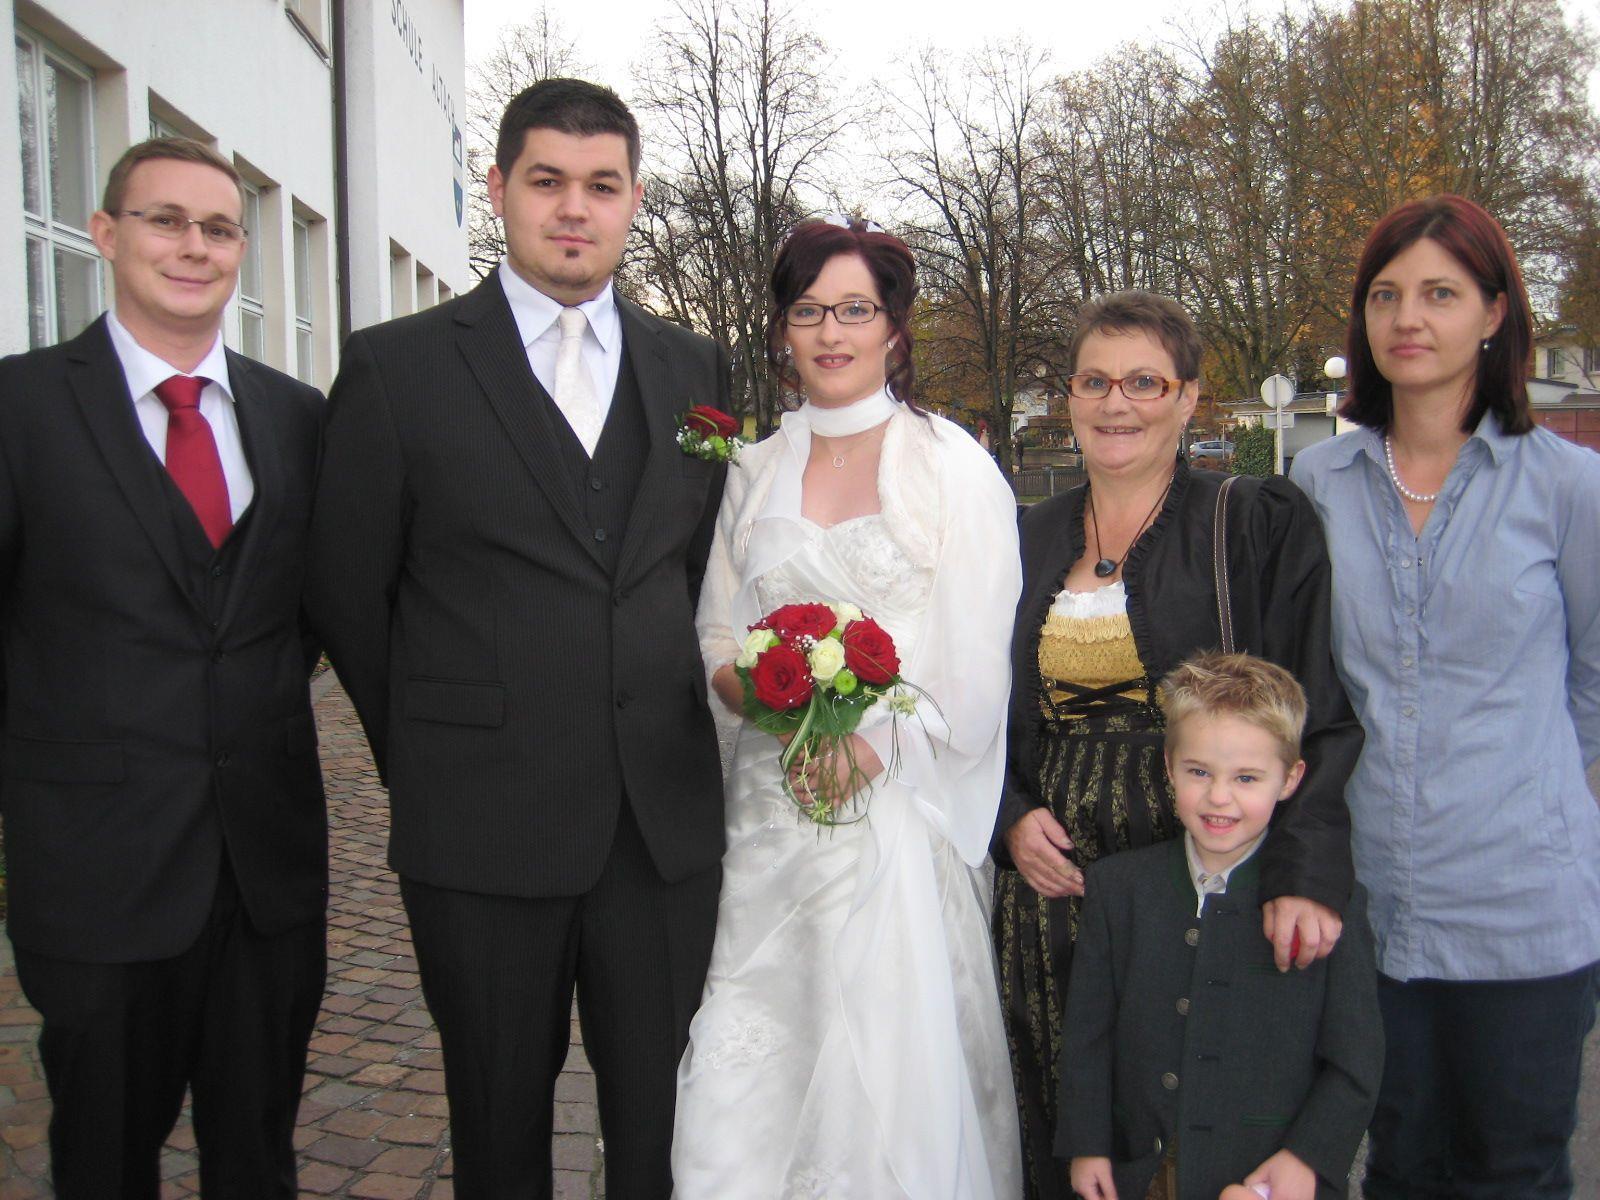 Manuela Hoch und Daniel Flatscher haben geheiratet.